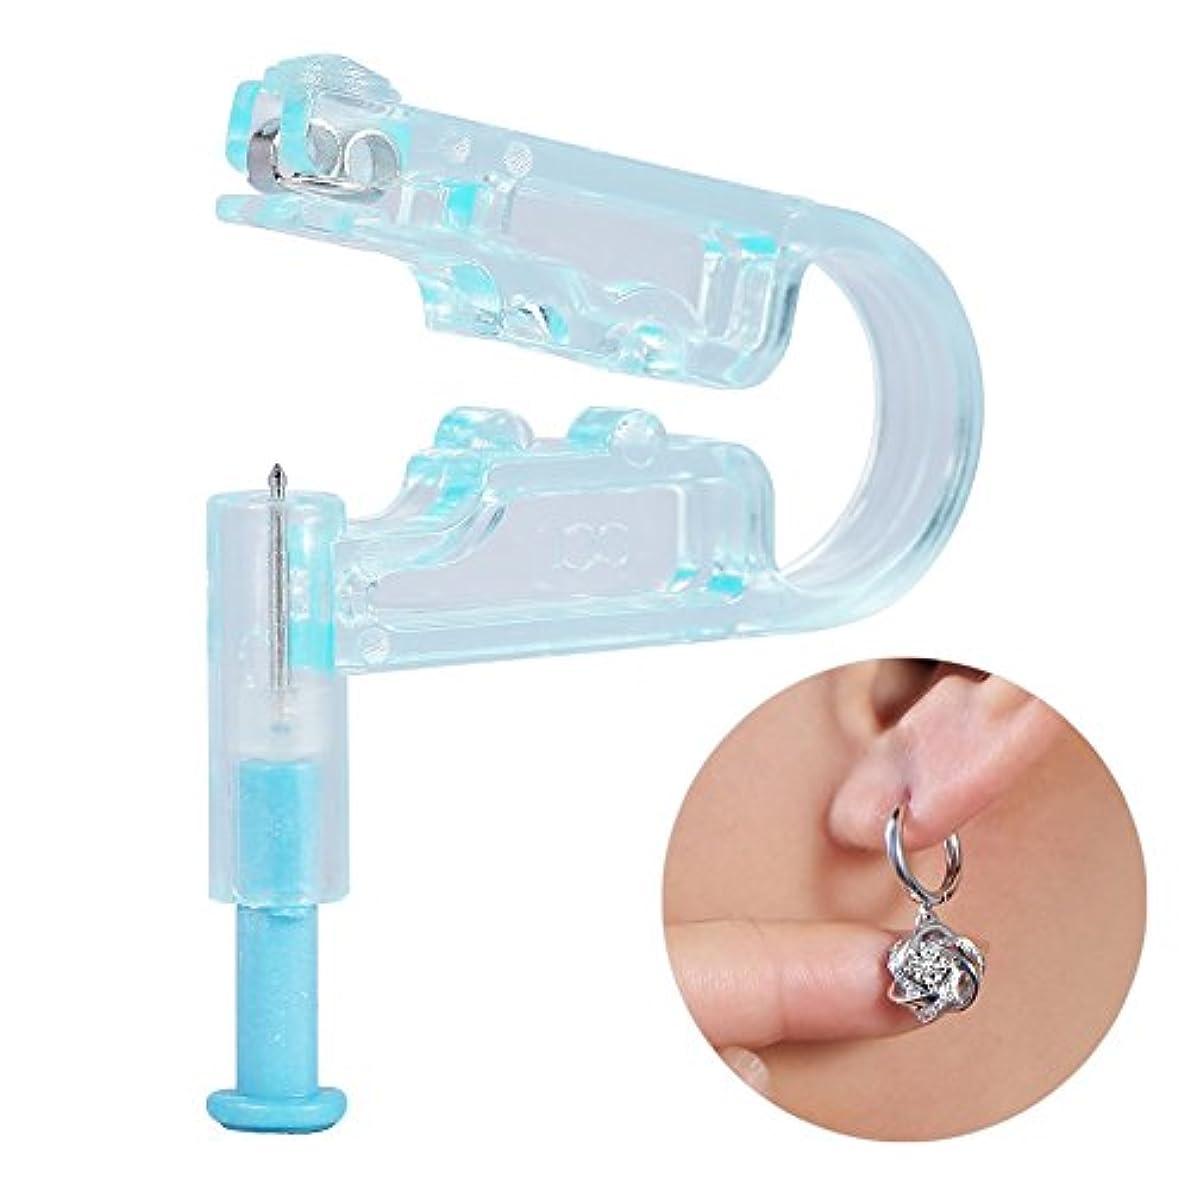 ミス心理的スプレー6PCS /アルコール準備パッドが付いている使い捨て可能な無菌耳のピアス銃用具